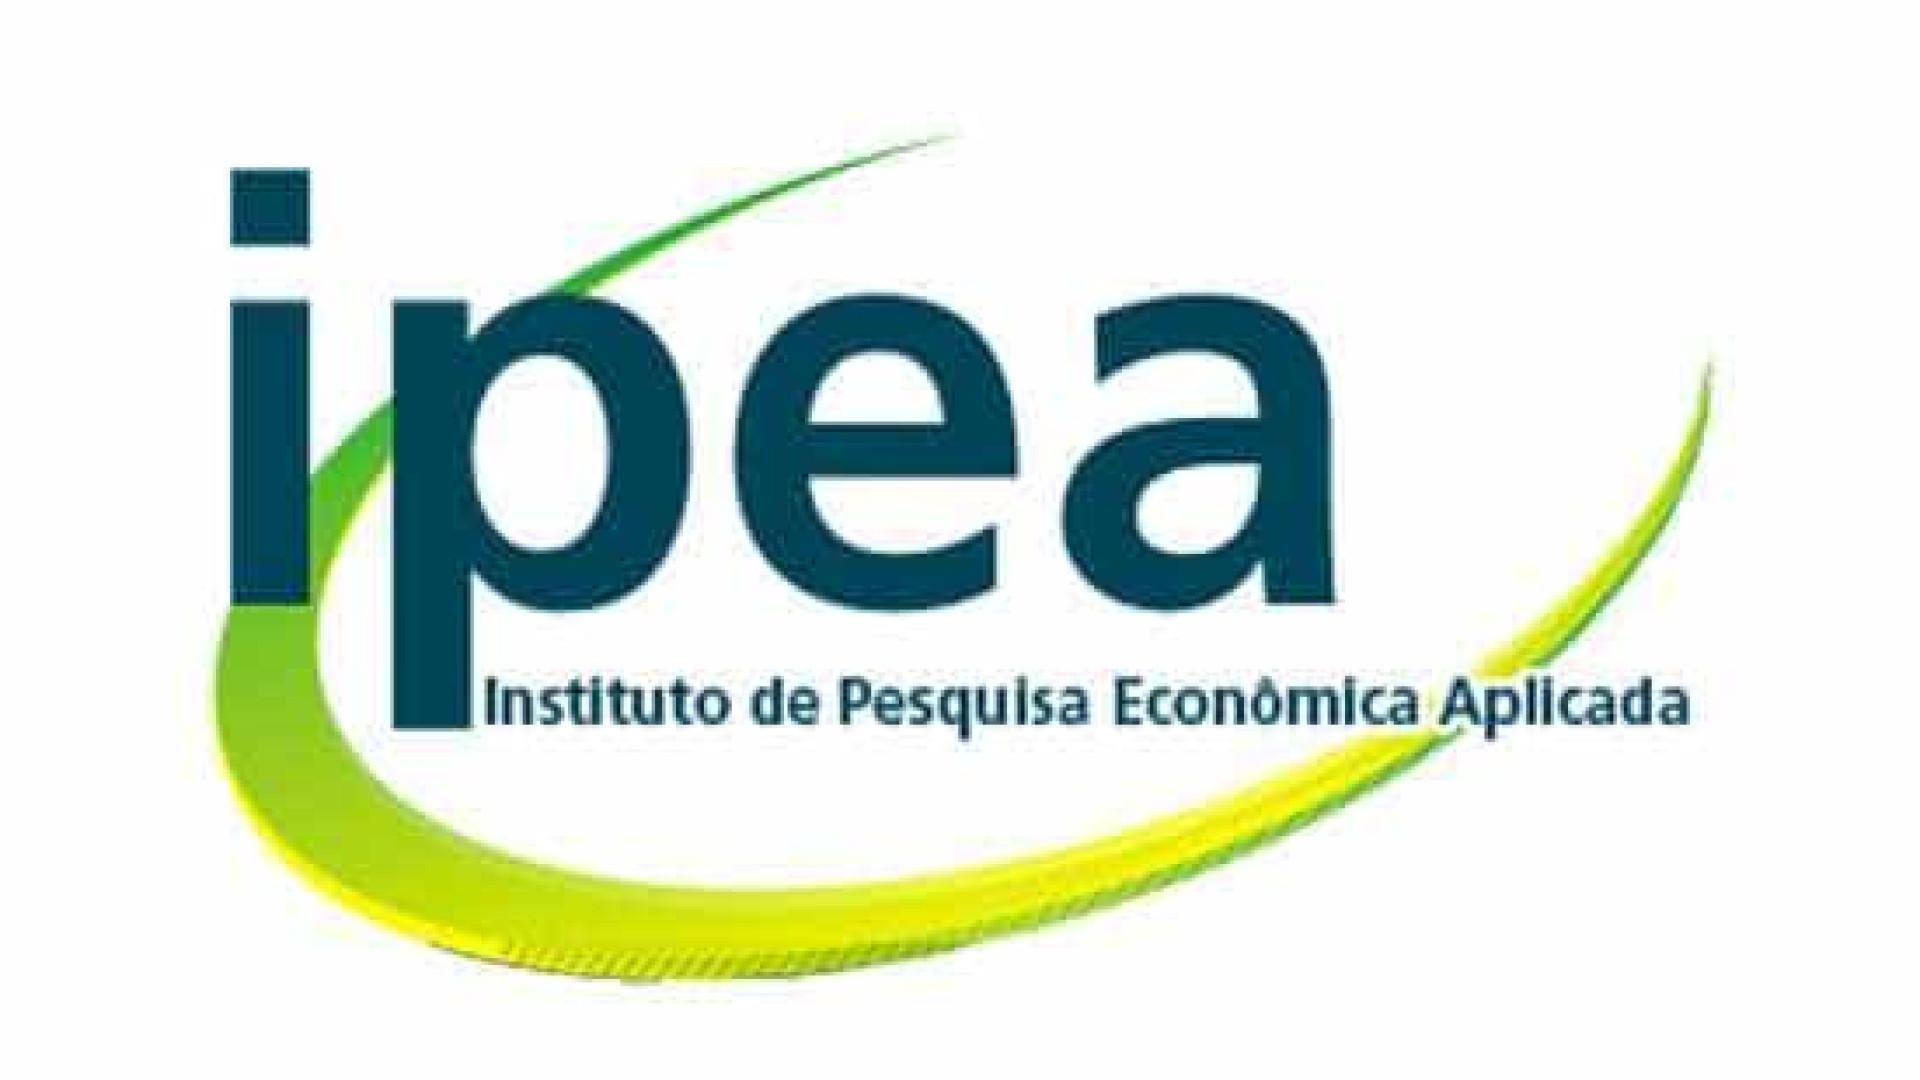 Carlos von Doellinger deve presidir o Ipea no governo Bolsonaro